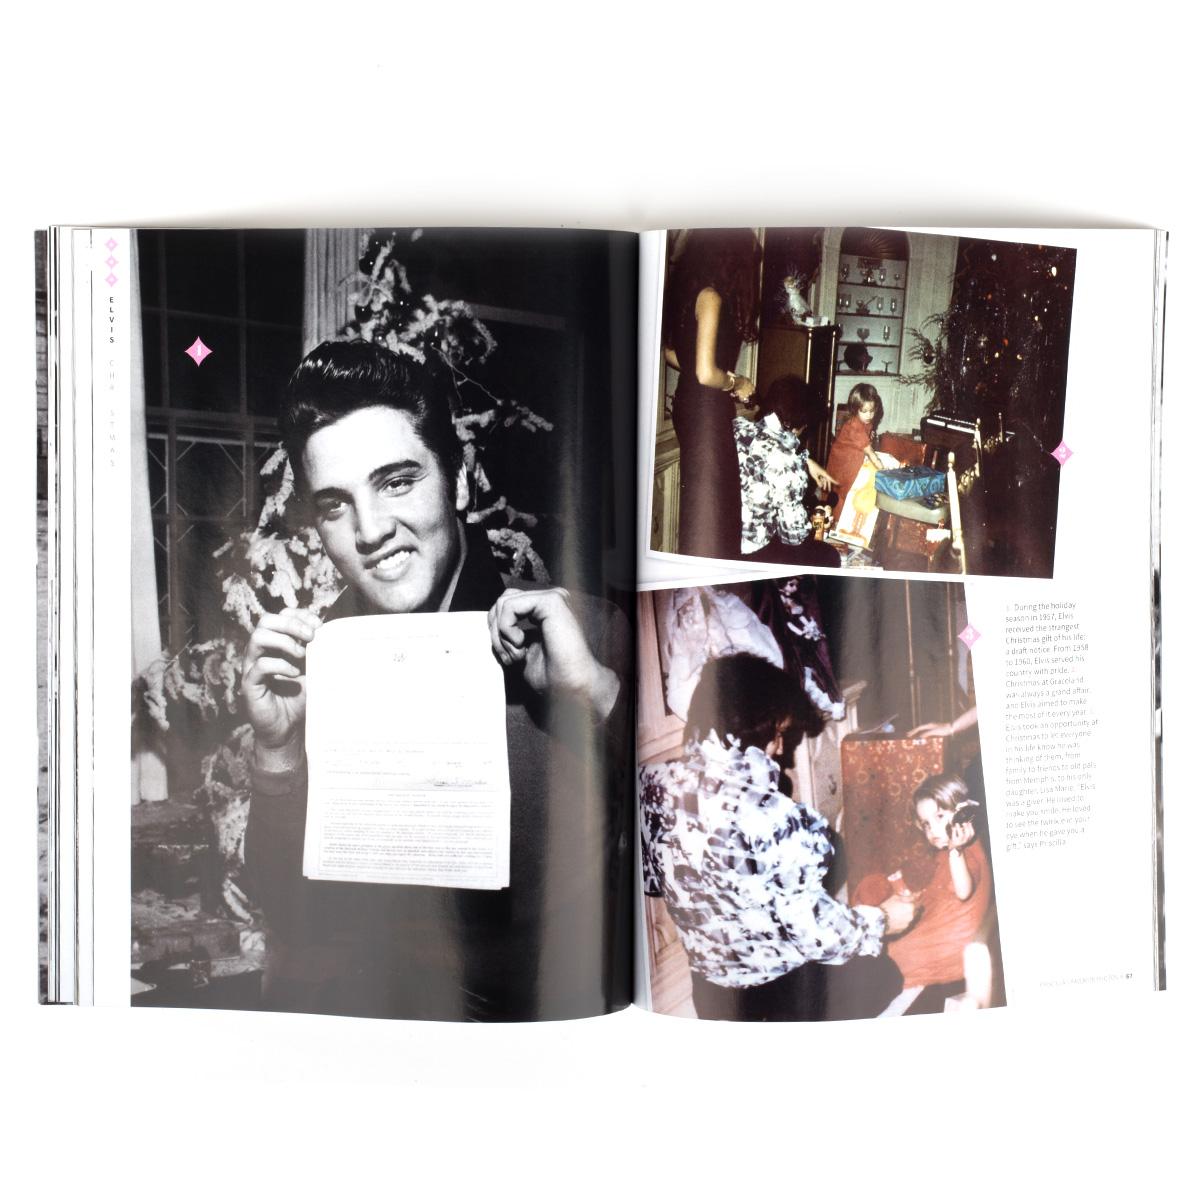 Elvis Official Commemorative Volume 5: My Favorite Photos by Priscilla Presley